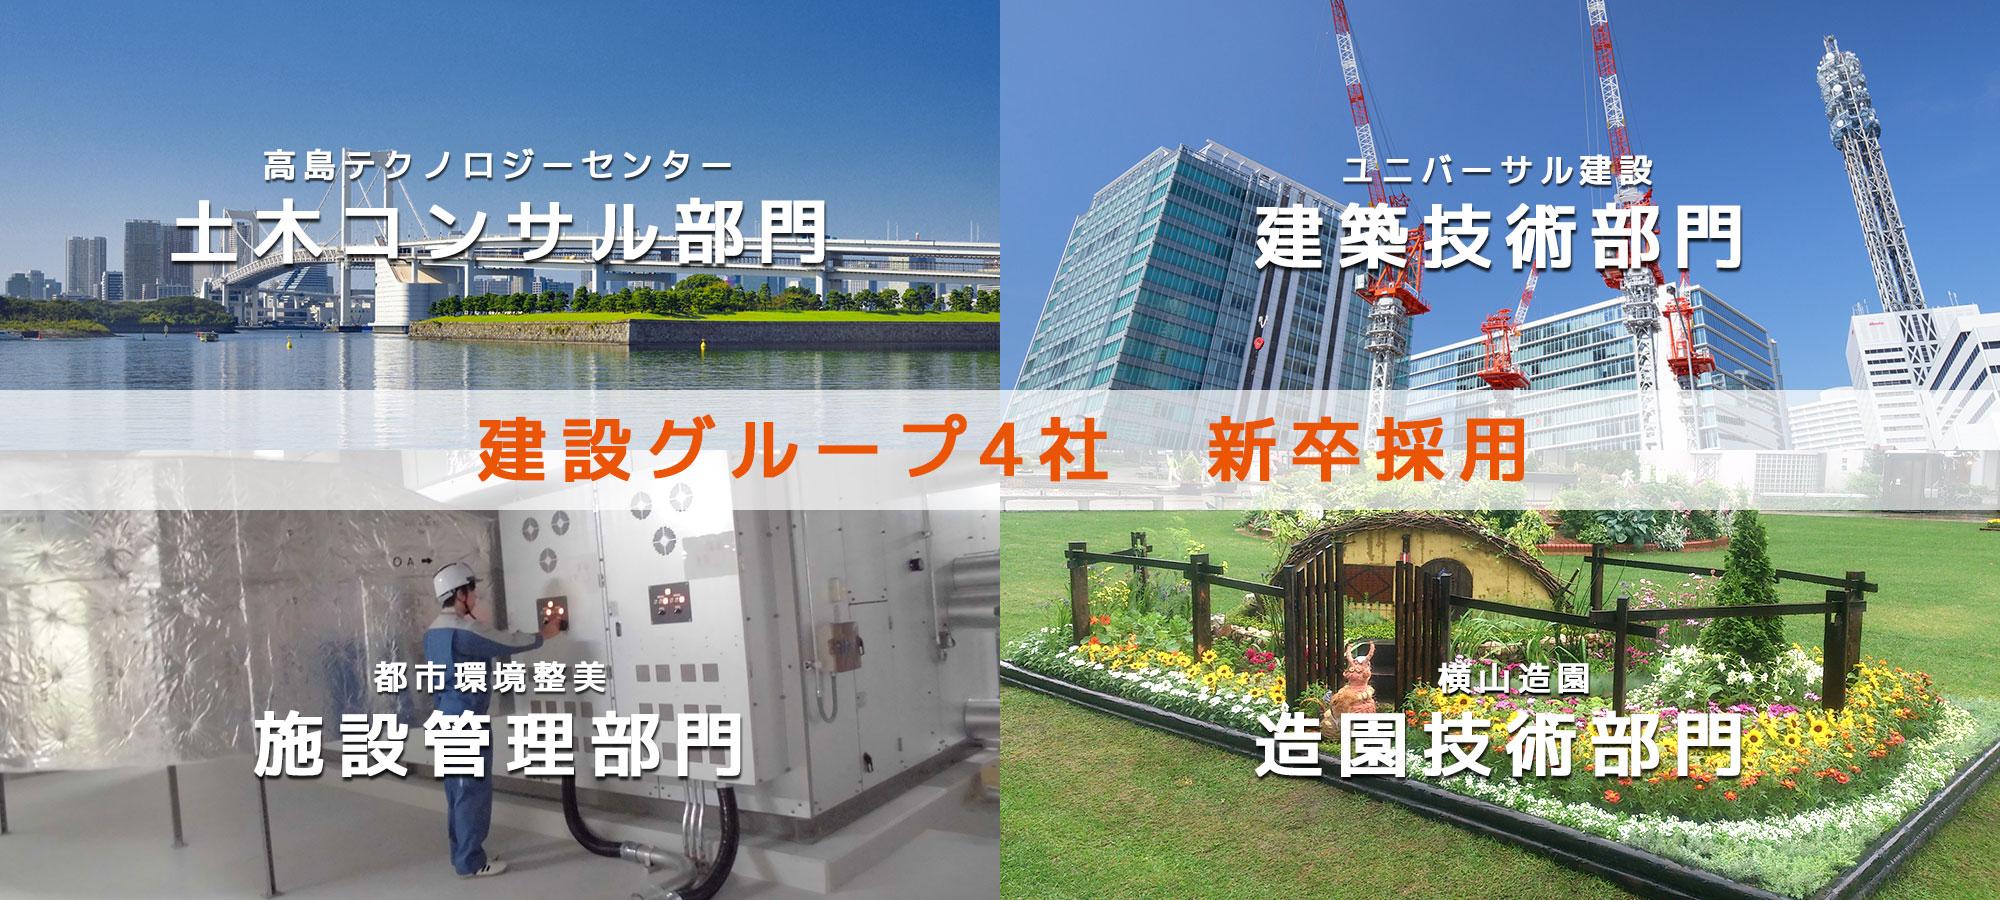 建設グループ4社新卒採用